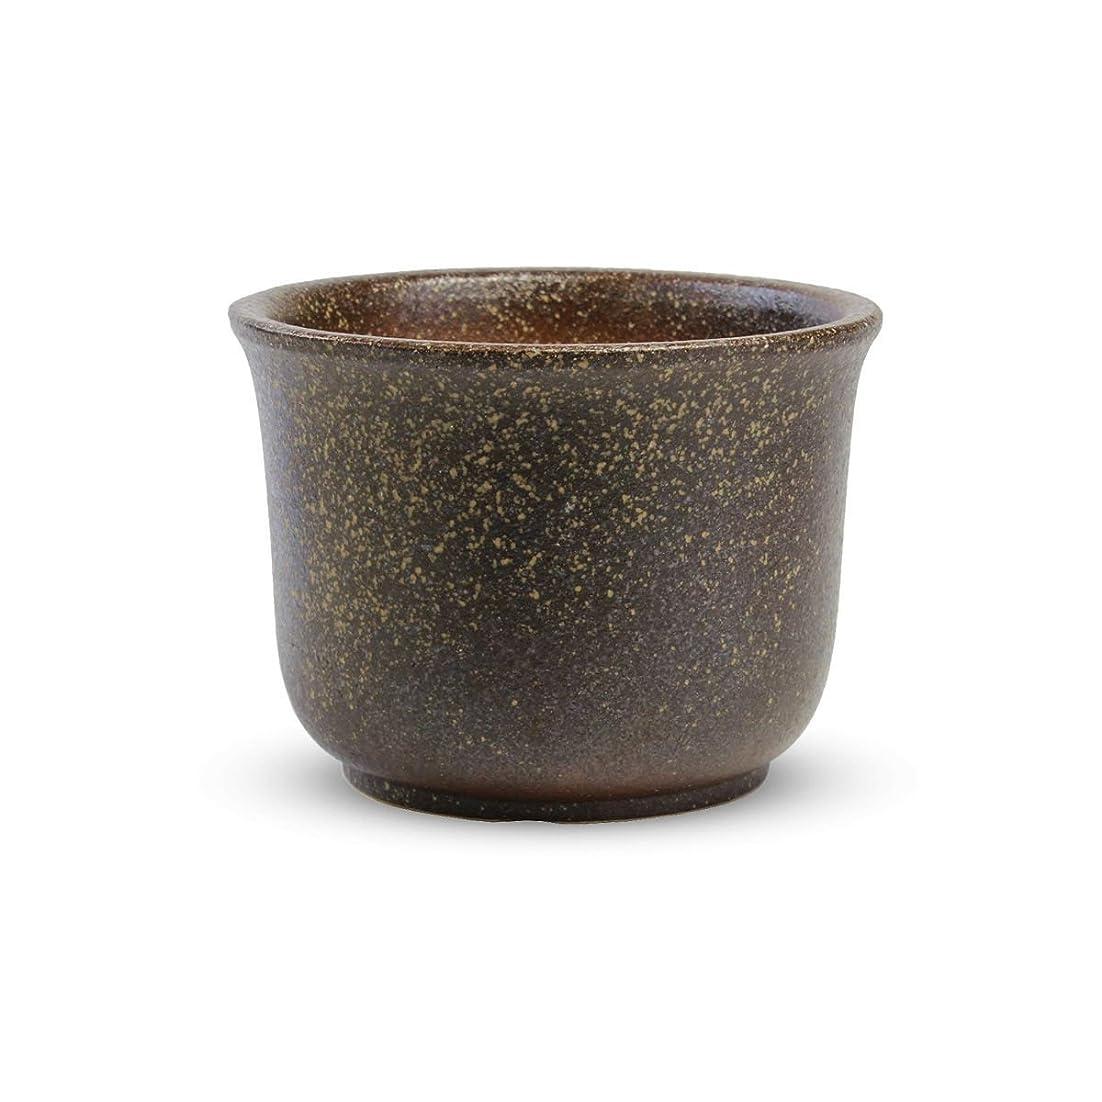 提出するインストール生産性CtoC JAPAN Select 信楽焼 植木鉢 6号 コゲ尻丸 18cm x 18cm x 13.5cm おしゃれ 陶器 P7-9B